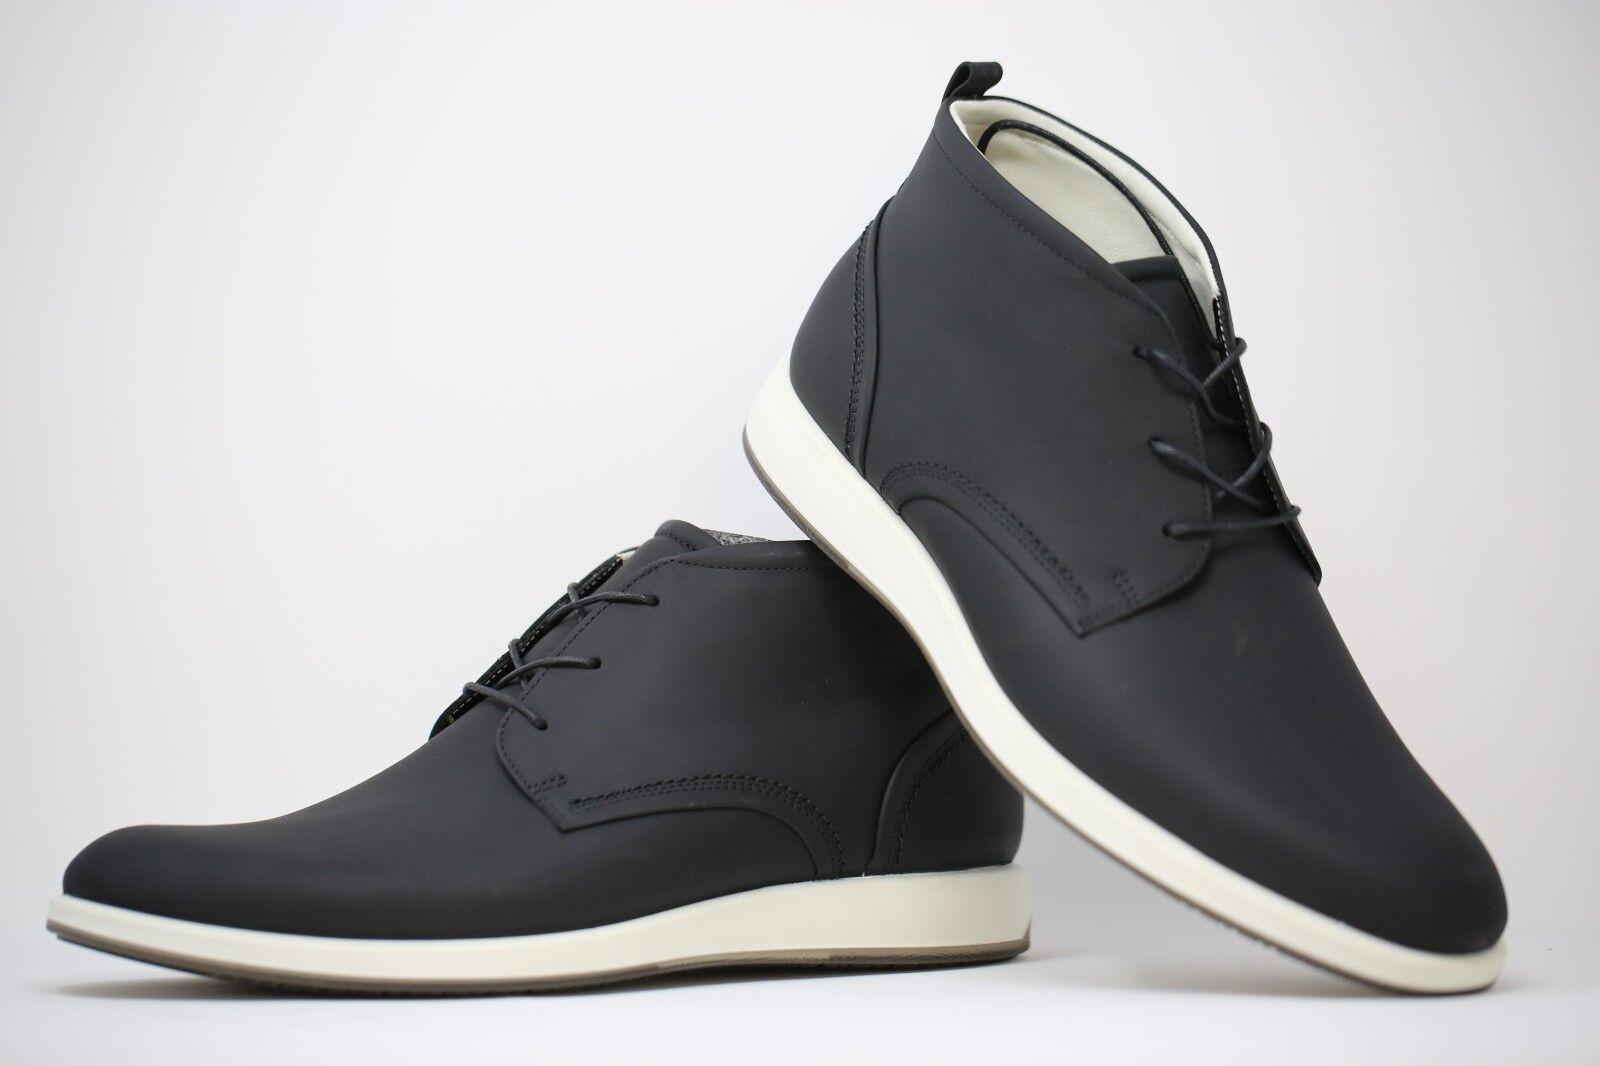 63a498ed31 ECCO en en en Cuir Véritable Chaussures Noires Taille 19b3aa - le ...